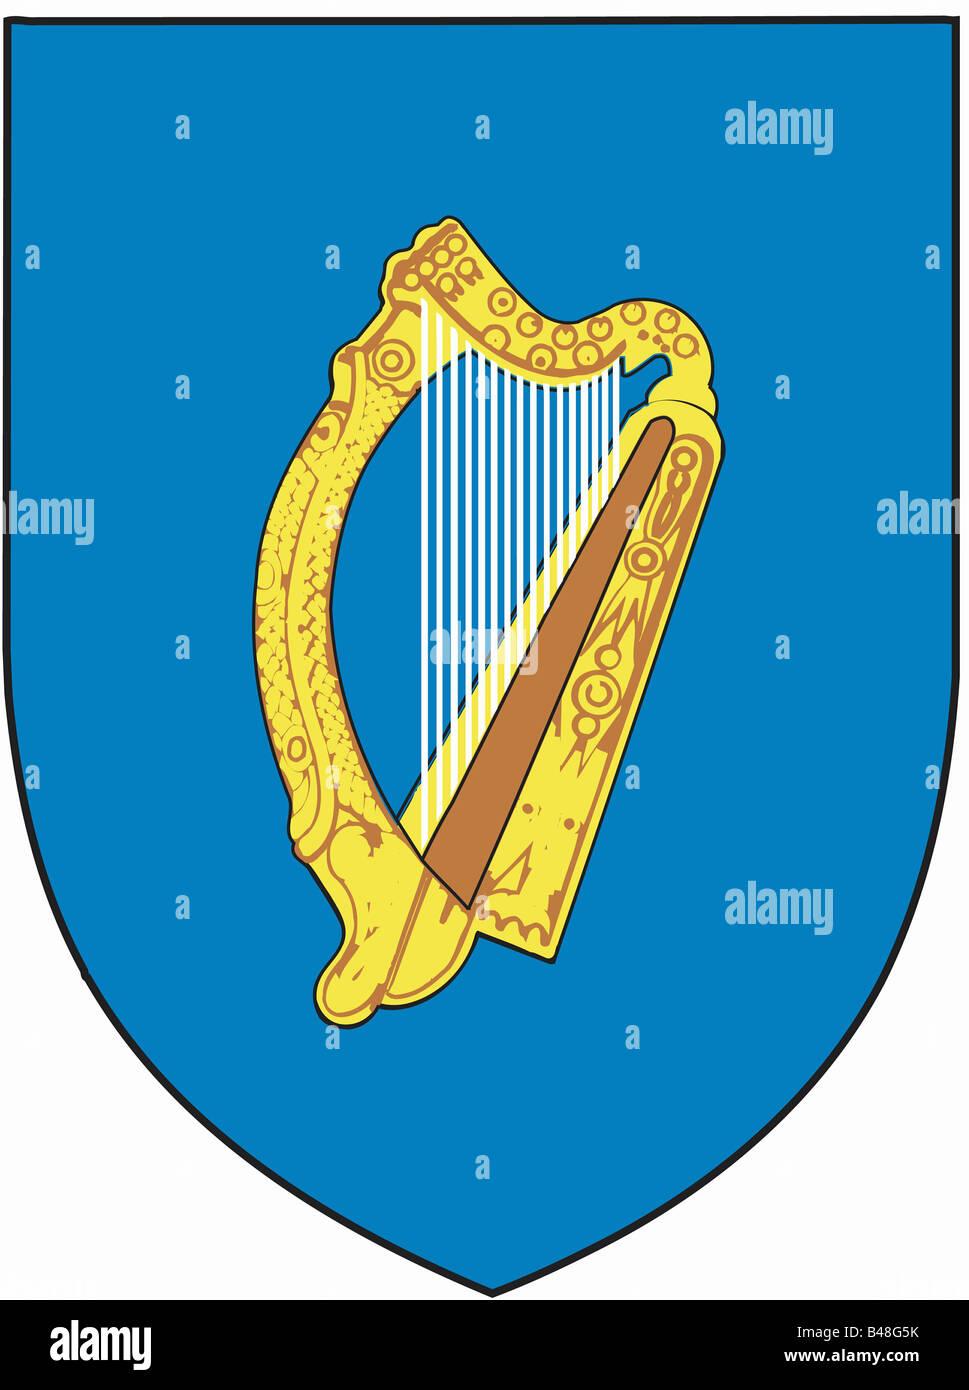 Heraldry coat of arms ireland national coat of arms symbol heraldry coat of arms ireland national coat of arms symbol emblem crest europe geography harp irishclipping buycottarizona Images